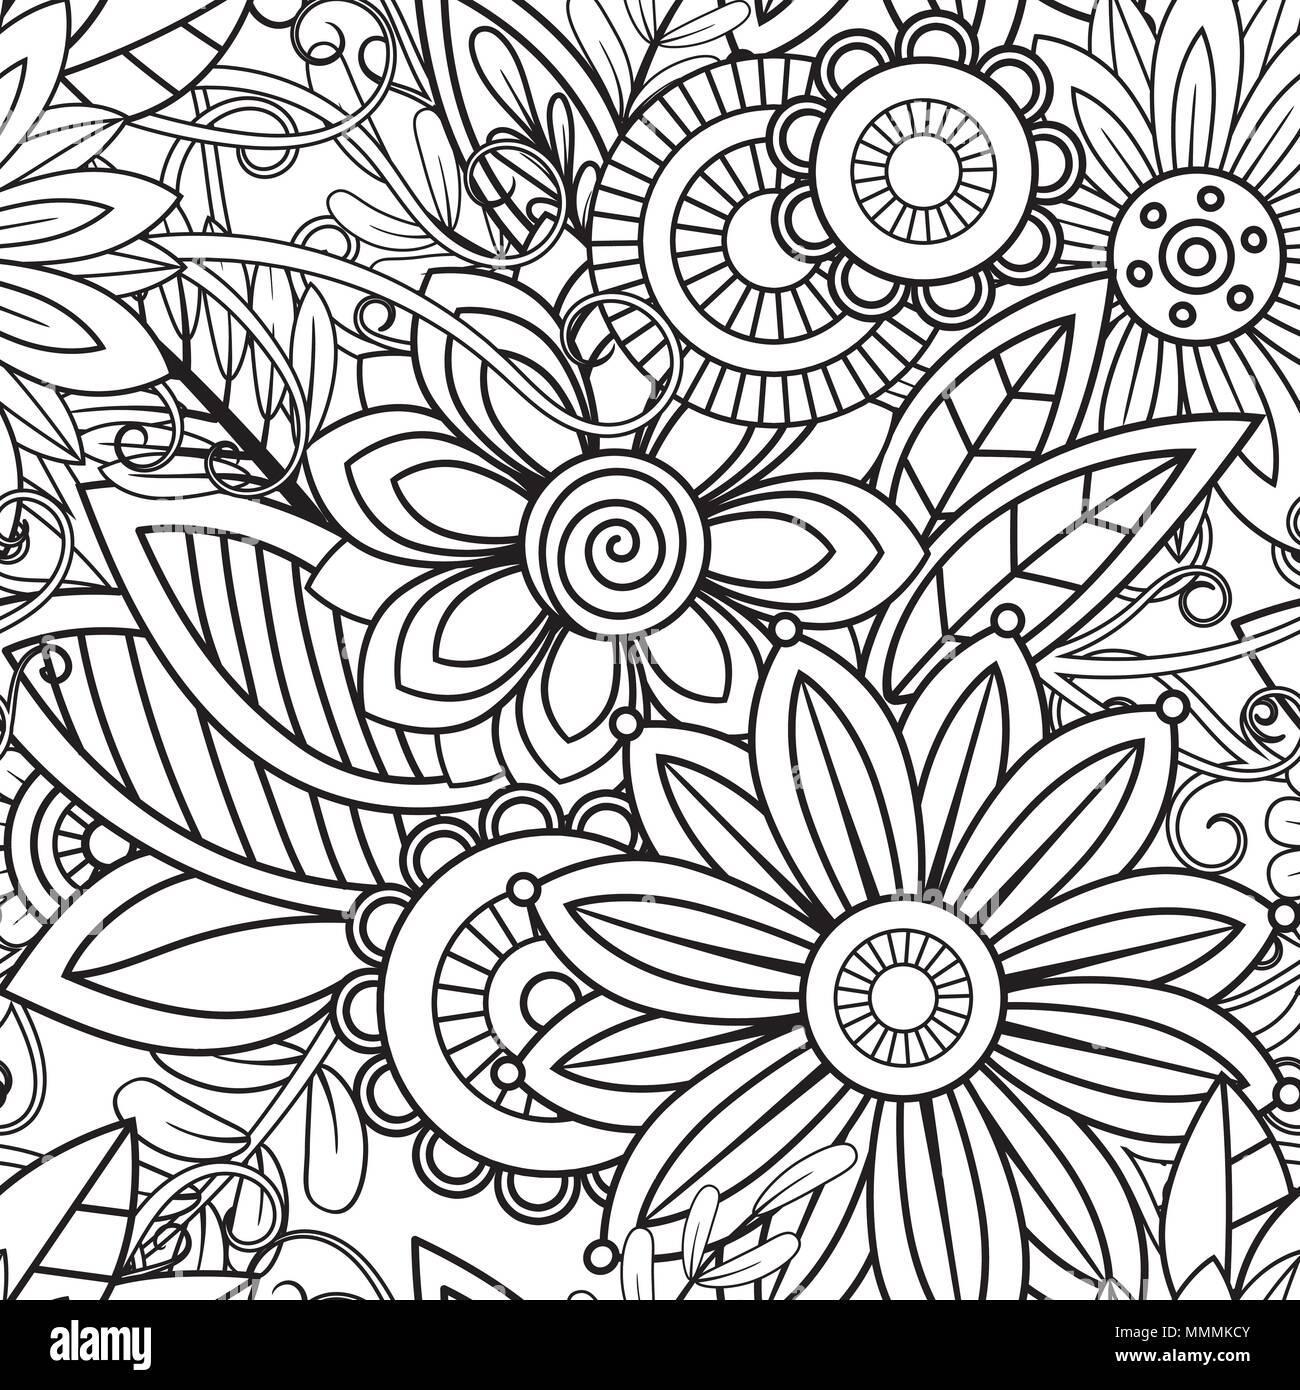 Dorable Páginas Para Colorear En Blanco Y Negro De Rosas Cresta ...